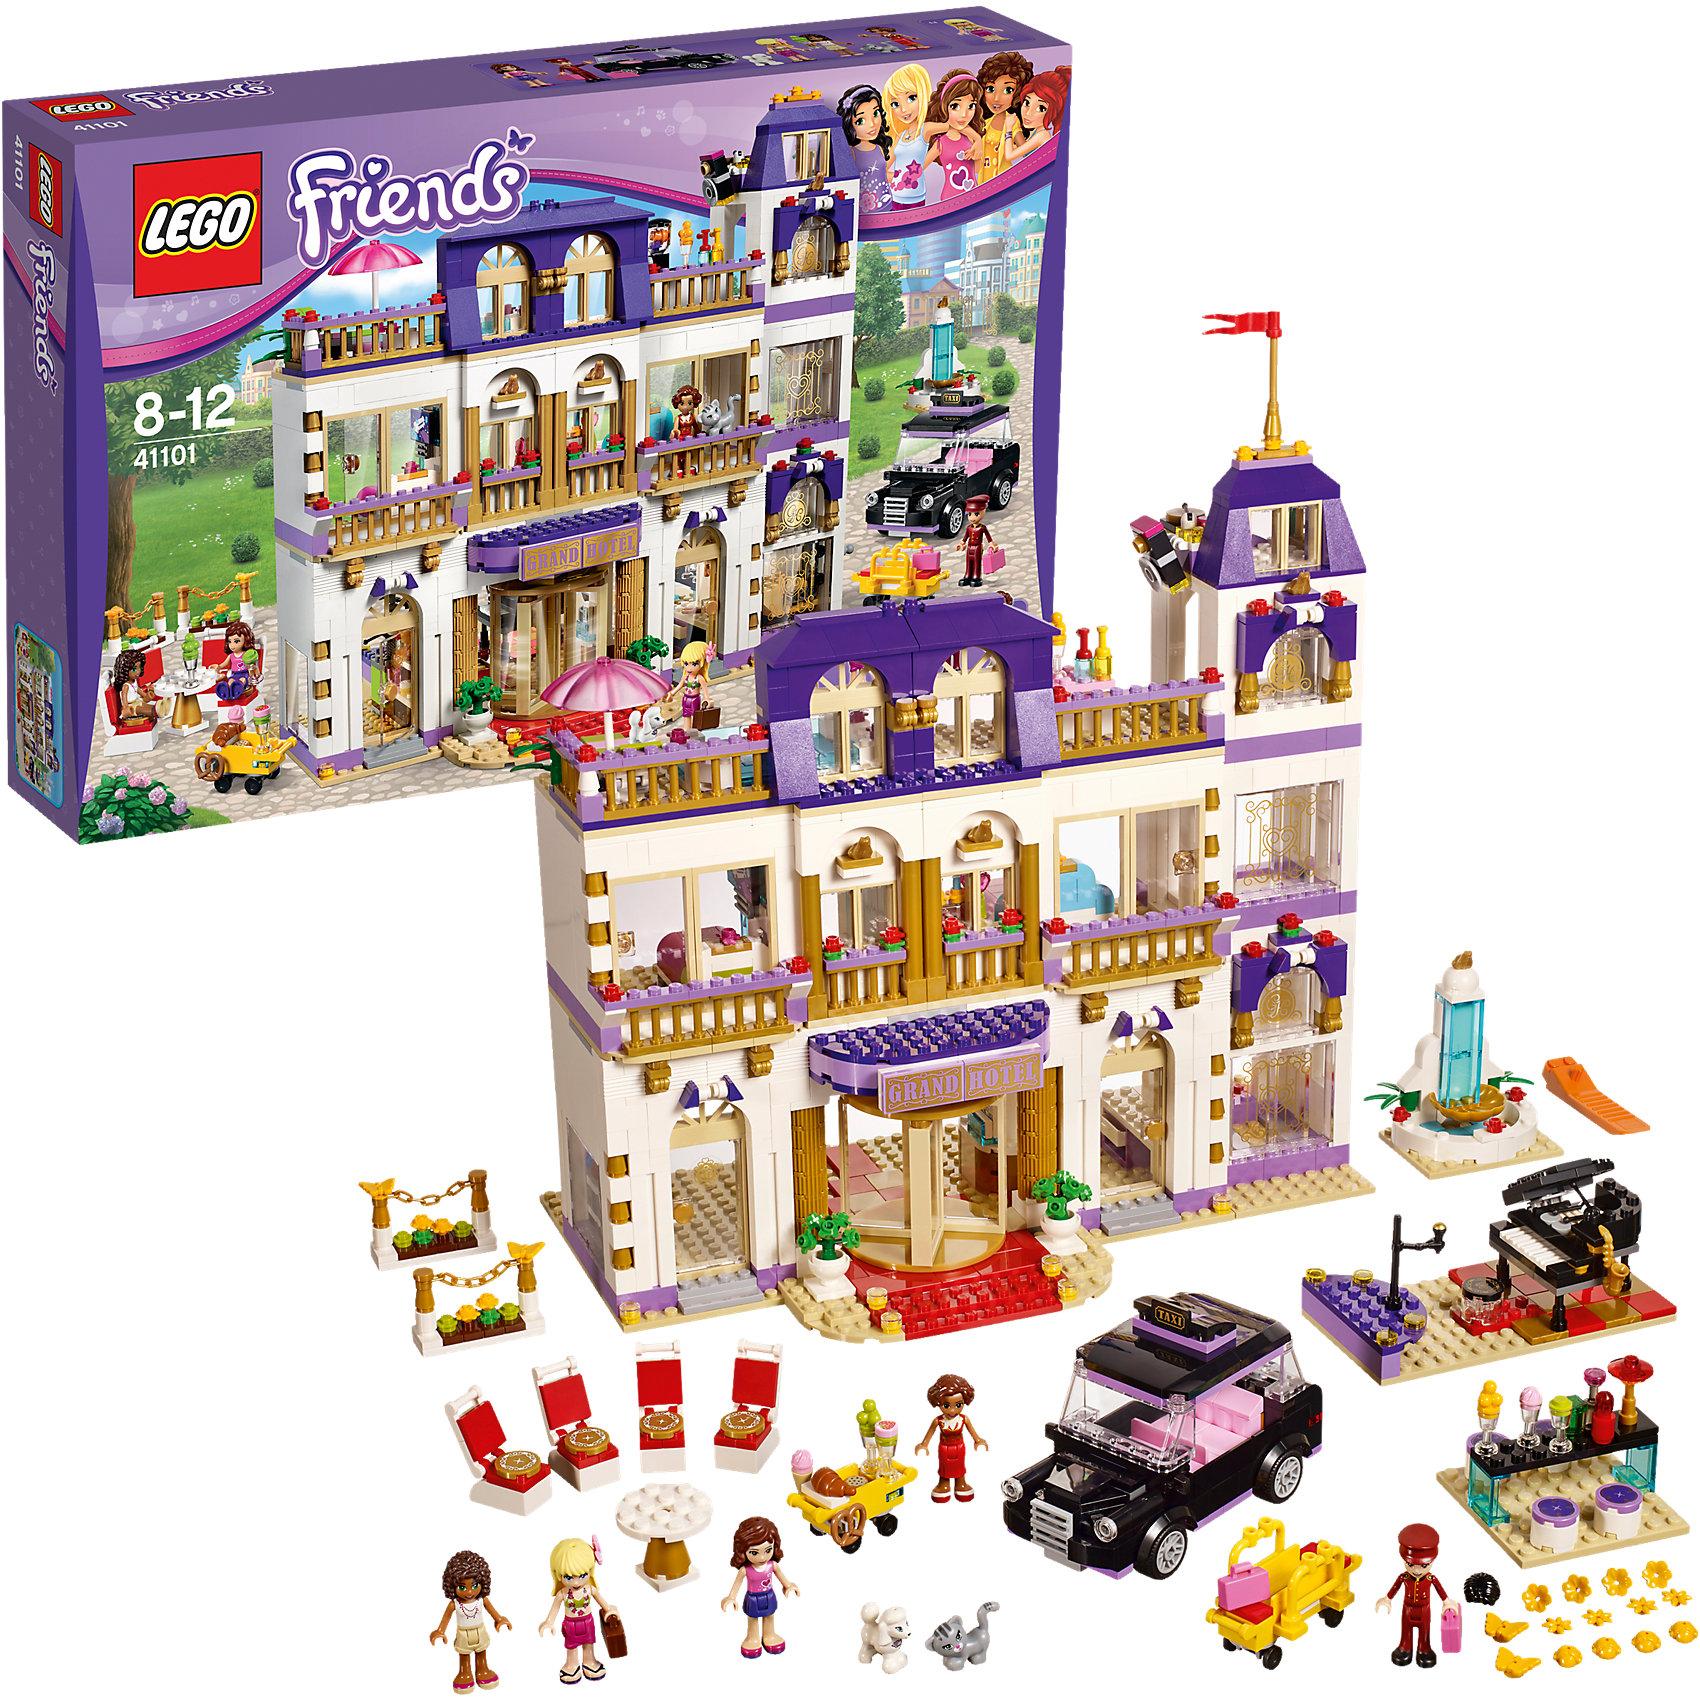 LEGO Friends 41101: Гранд-отельИдеи подарков<br>Конструктор LEGO Friends (ЛЕГО Подружки) 41101: Гранд-отель - самый масштабный и интересный набор во всей линейке. Новый отель, построенный в Хартлейк Сити потрясает своей красотой. Андреа, Оливия и Стефани обожают путешествовать, поэтому выбрали роскошный отель для очередного отдыха. Удобное такси подвозит их к центральному входу. Услужливый швейцар немедленно грузит багаж на тележку и девушки проходят в красивые вращающиеся двери. Под прекрасной люстрой на первом этаже расположилась стойка регистрации. Приветливый администратор раздает девушкам ключи от номеров, где их ожидает прекрасный интерьер и абсолютный комфорт. Девушки сразу же выходят на балкон, чтобы полюбоваться прекрасным видом. Когда подружки устроились, они поднимаются на лифте на третий этаж, где расположилась прекрасная терраса с бассейном и прохладительными напитками. Вечером девушки спустятся в ресторан, чтобы поужинать и послушать прекрасную музыку. Может быть кто-то из красоток захочет спеть. Создавая интересные ситуации, ребёнок в увлекательной игровой форме развивает фантазию, мелкую моторику и координацию движений. Девочка сможет придумать множество увлекательных сюжетов с деталями набора LEGO Friends (ЛЕГО Подружки) 41101: Гранд-отель. Подключайте фантазию и Вам никогда не будет скучно в компании LEGO (ЛЕГО)!<br><br>Серия конструкторов LEGO Friends (ЛЕГО Подружки) - увлекательные игровые наборы для девочек, их отличают яркие розовые детали, изысканный дизайн и множество игровых сюжетов, любимых девочками, такие как магазин, кафе, кондитерская, кукольные домики и многие другие.<br><br>Дополнительная информация:<br><br>- Игра с конструктором  LEGO (ЛЕГО) развивает мелкую моторику ребенка, фантазию и воображение, учит его усидчивости и внимательности;<br>- В комплекте: 5 минифигурок (Андреа, Оливия, Стефани, Сьюзен и Нейт), собака, кошка и множество тематических аксессуаров, детали набора; <br>- Количество деталей: 1555 шт;<br>- Отлично подойдет д